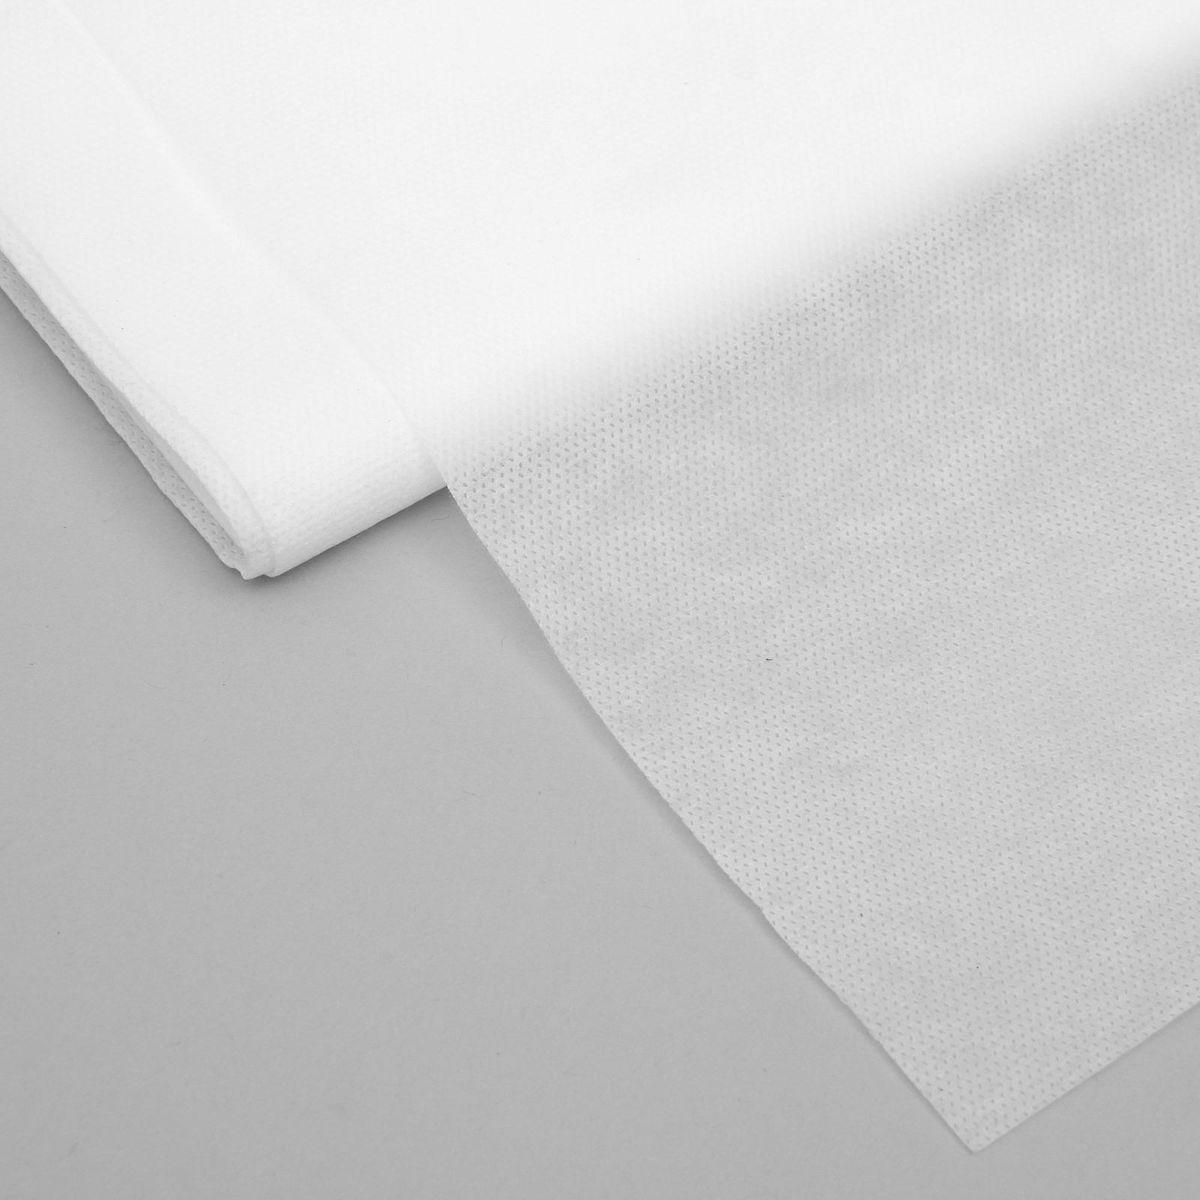 Материал укрывной Агротекс, цвет: белый, 10 х 1,6 м. 693570693570Многофункциональность, надежность и высокое качество - вот отличительные черты укрывногоматериала Агротекс. Укрывной материал можно использовать на грядках. Благодаряспециально разработанной текстуре он обеспечит надежную защиту даже самых ранних побеговот:-заморозков;-солнечных ожогов;-холодной росы;-дождей;-птиц и грызунов.Материал создает мягкий, комфортный микроклимат, который способствует росту и развитиюрассады. Благодаря новейшим разработкам укрывной материал удерживает влагу, и растенияреже нуждаются в поливе.Ближе к зиме опытные садоводы укутывают им стволы деревьев, теплицы и грядки, чтобыисключить промерзание земли и корневой системы. Материал Агротекс поможет вам ускоритьпроцесс созревания растений, повысит урожайность, сэкономит средства и силы по уходу засадом. Плотность: 30 г/м2.